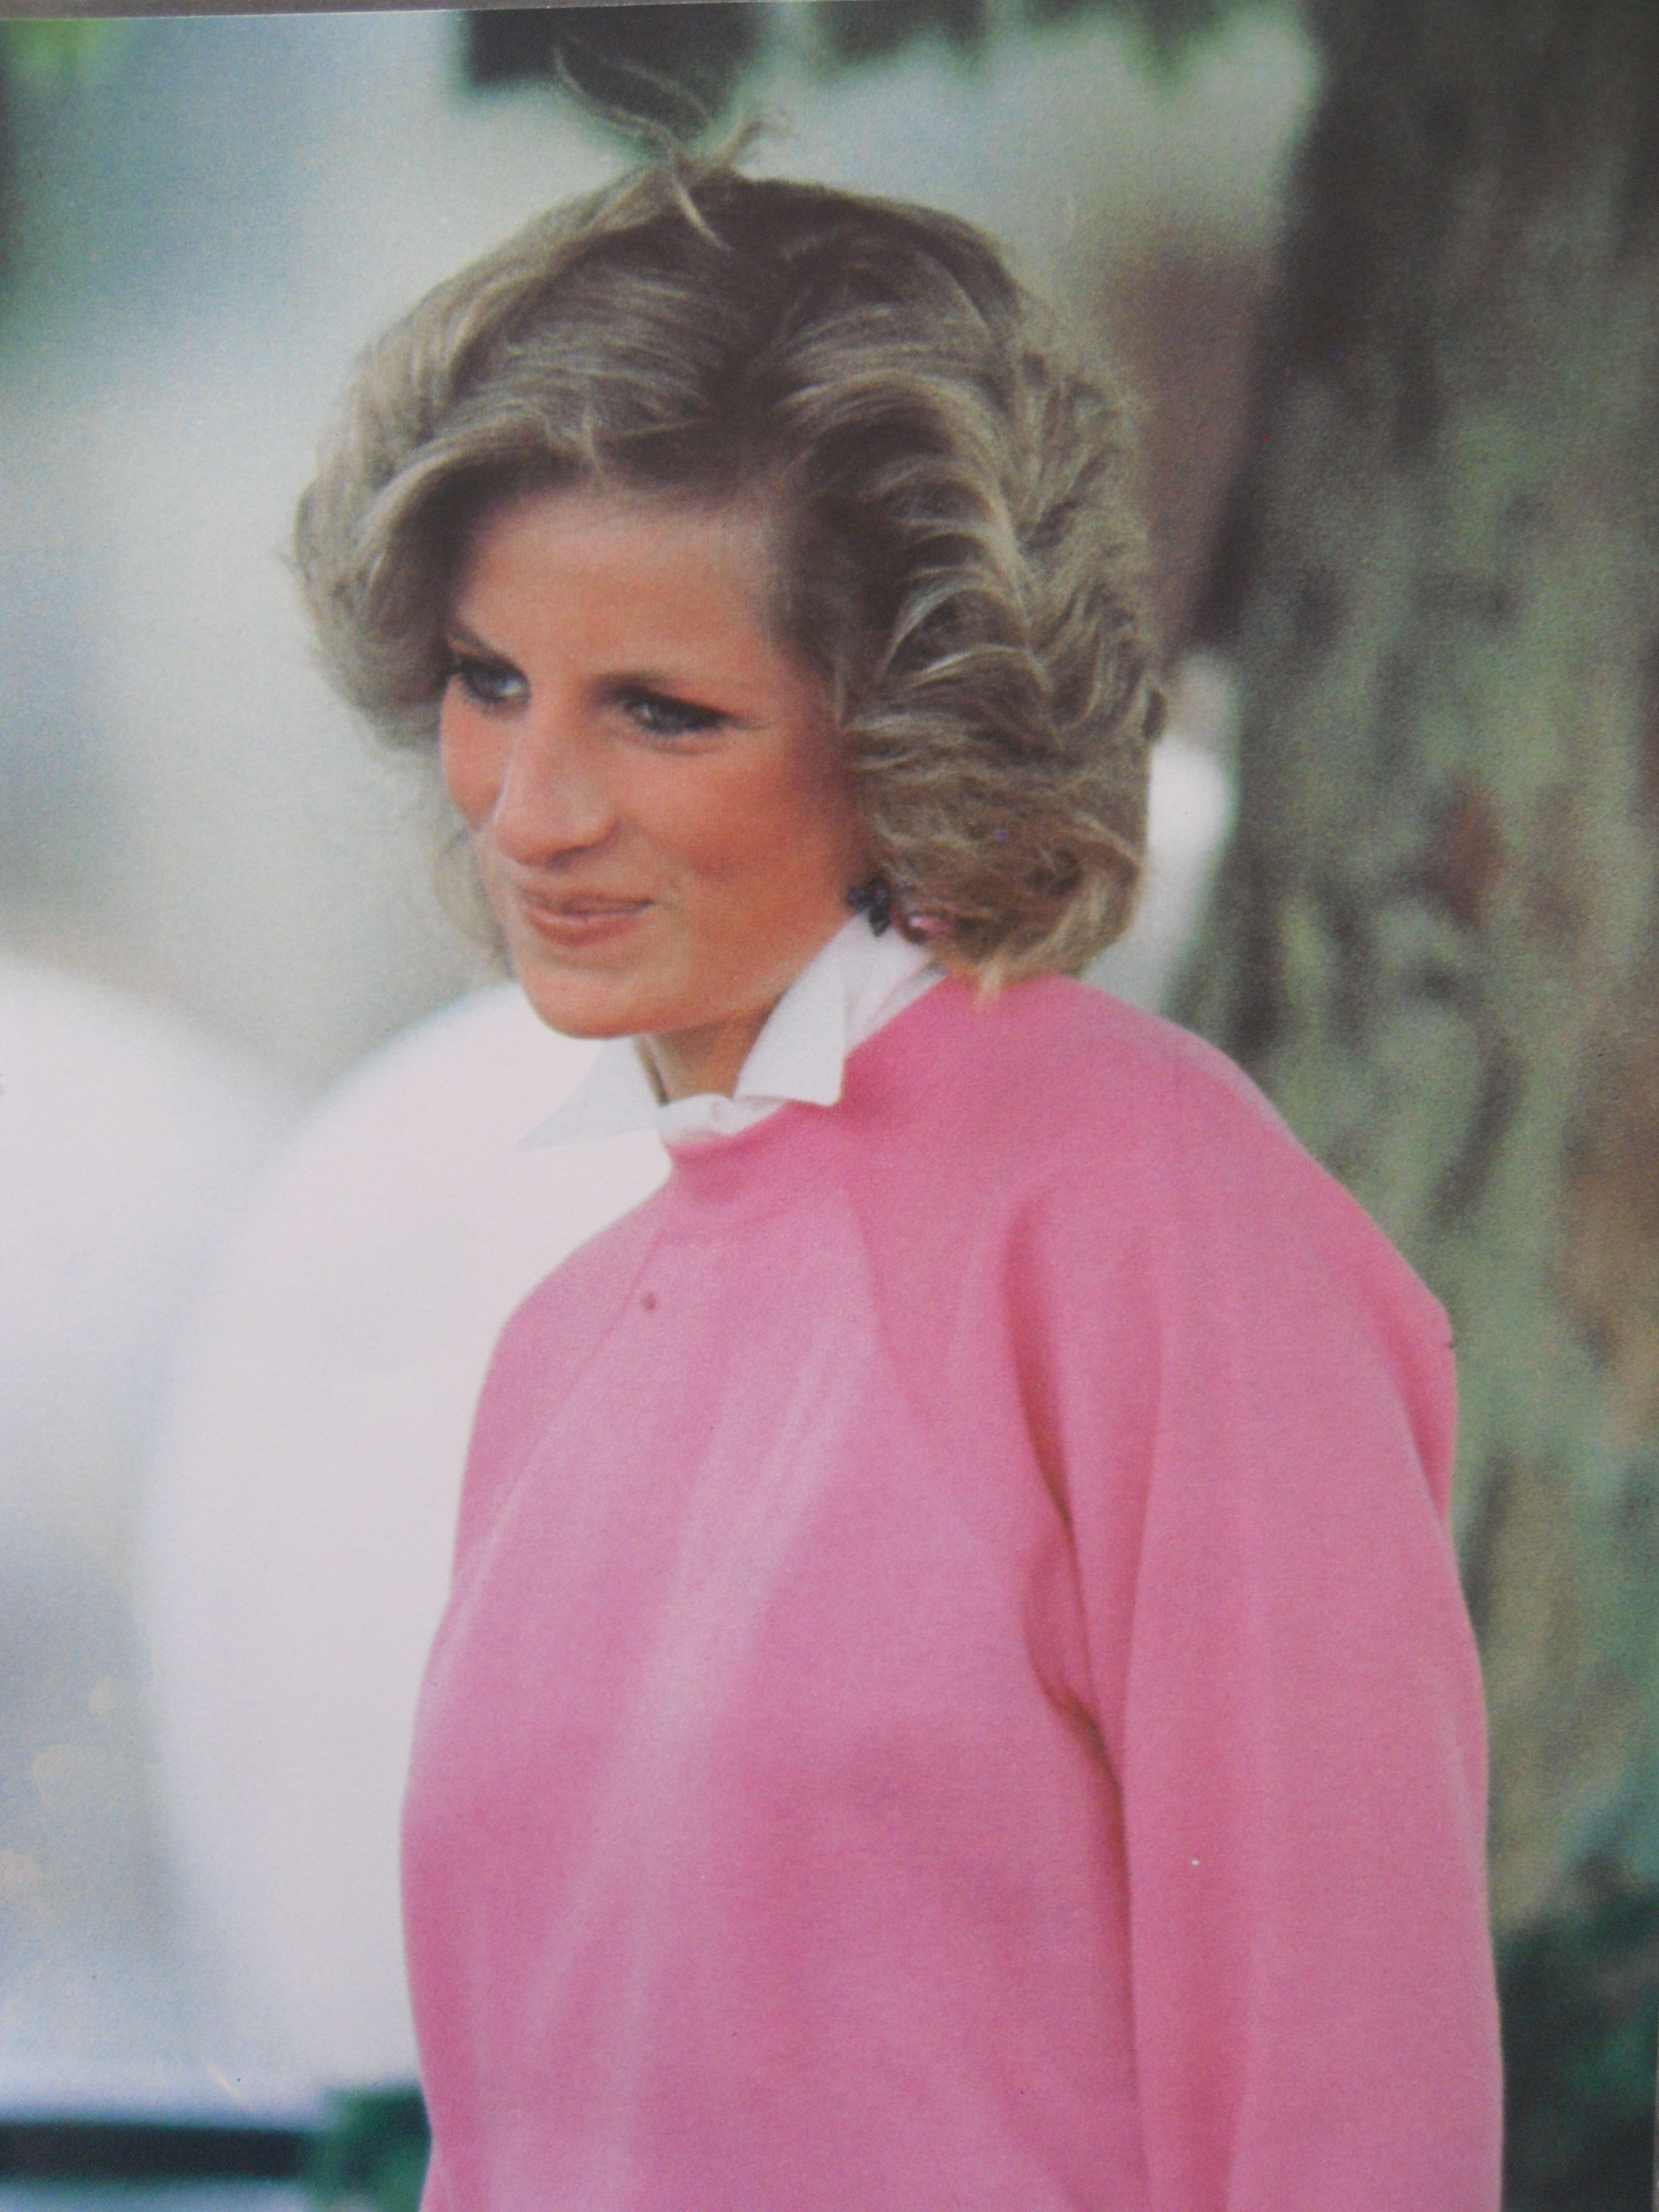 Princess diana 1984 princess diana 1 pinterest for Princess diana new photos